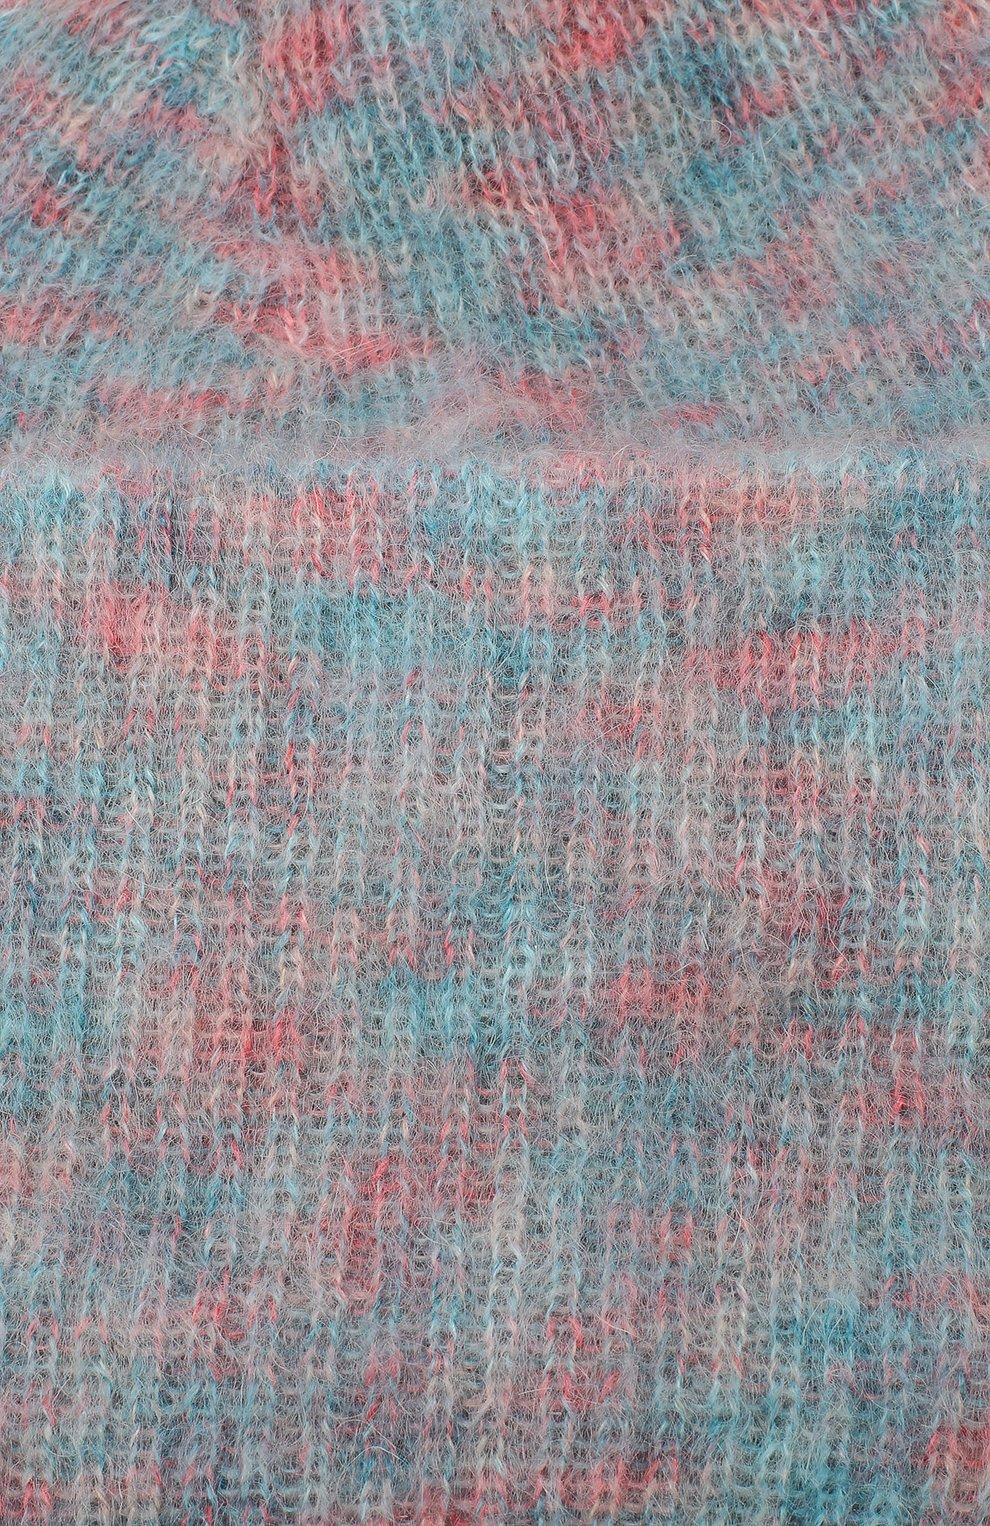 Женская шапка TAK.ORI розового цвета, арт. HTK50027WM050AW19 | Фото 3 (Материал: Текстиль, Шерсть, Синтетический материал)